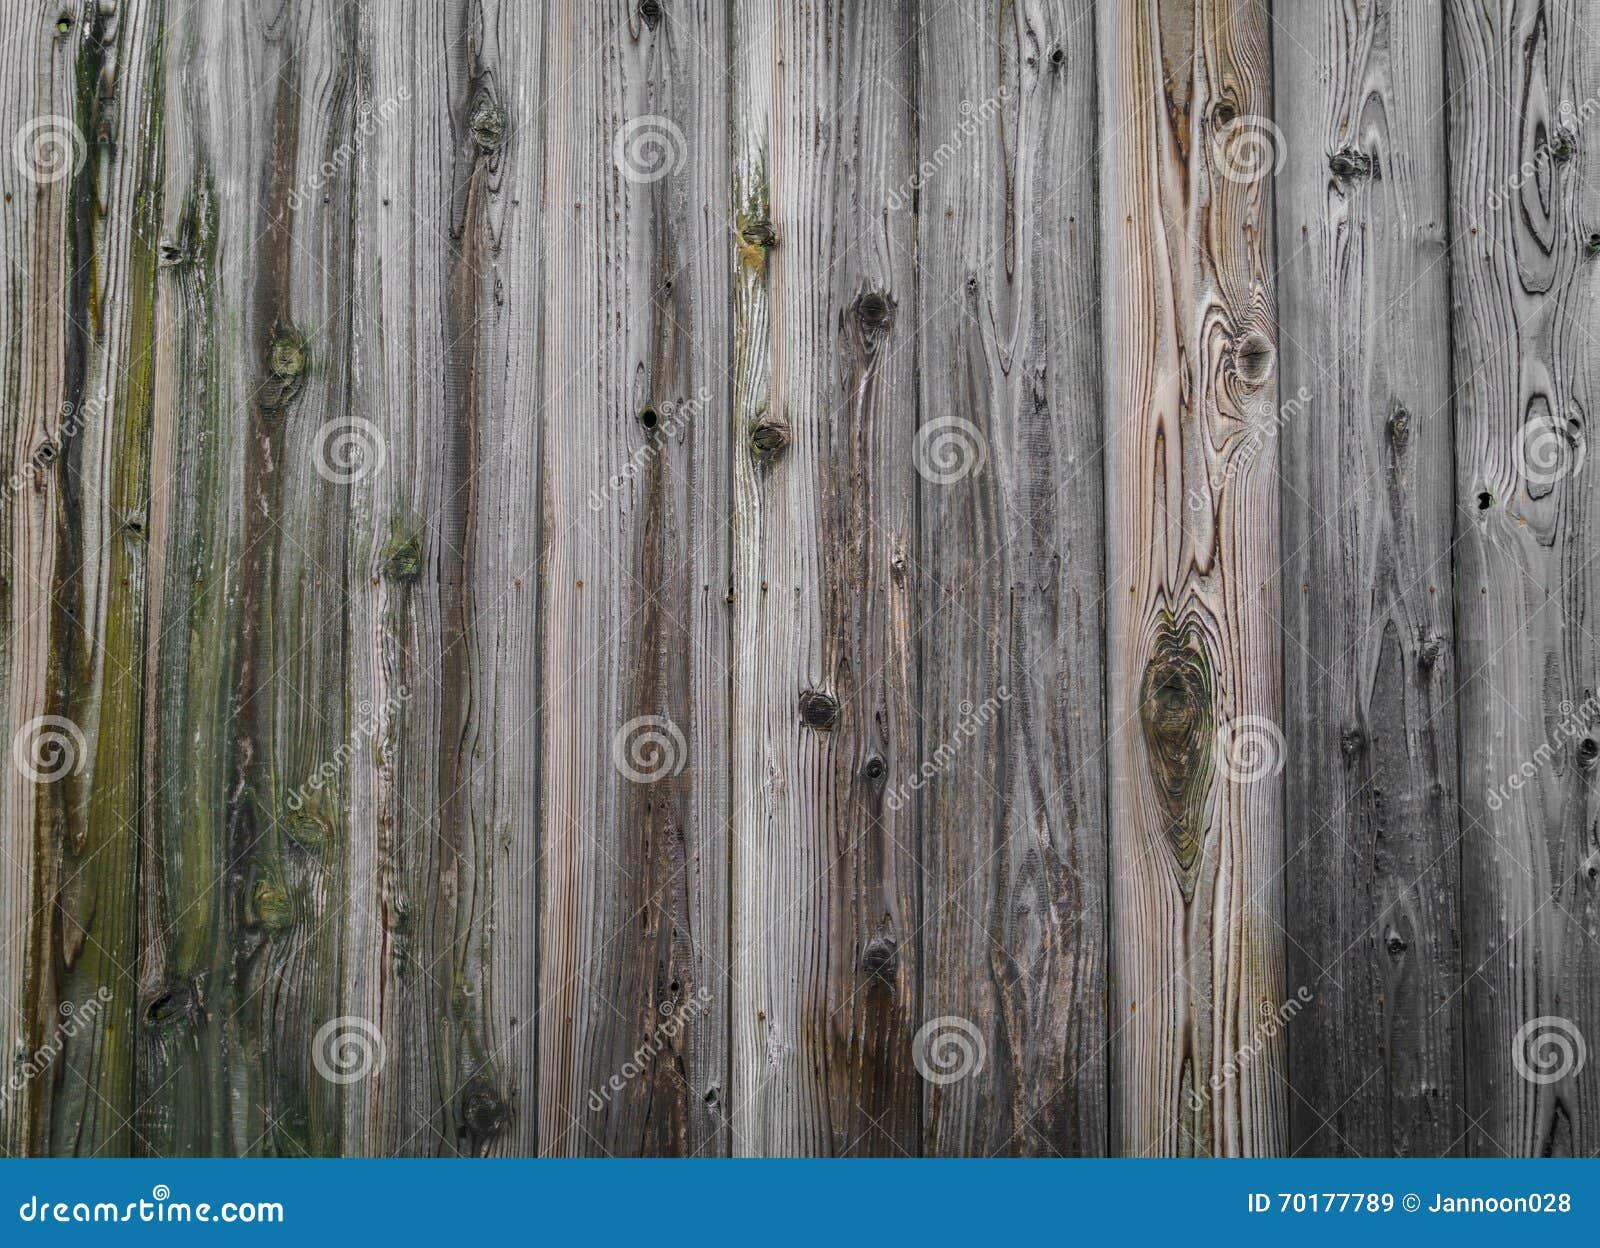 För kupatextur för bakgrund brunt trä